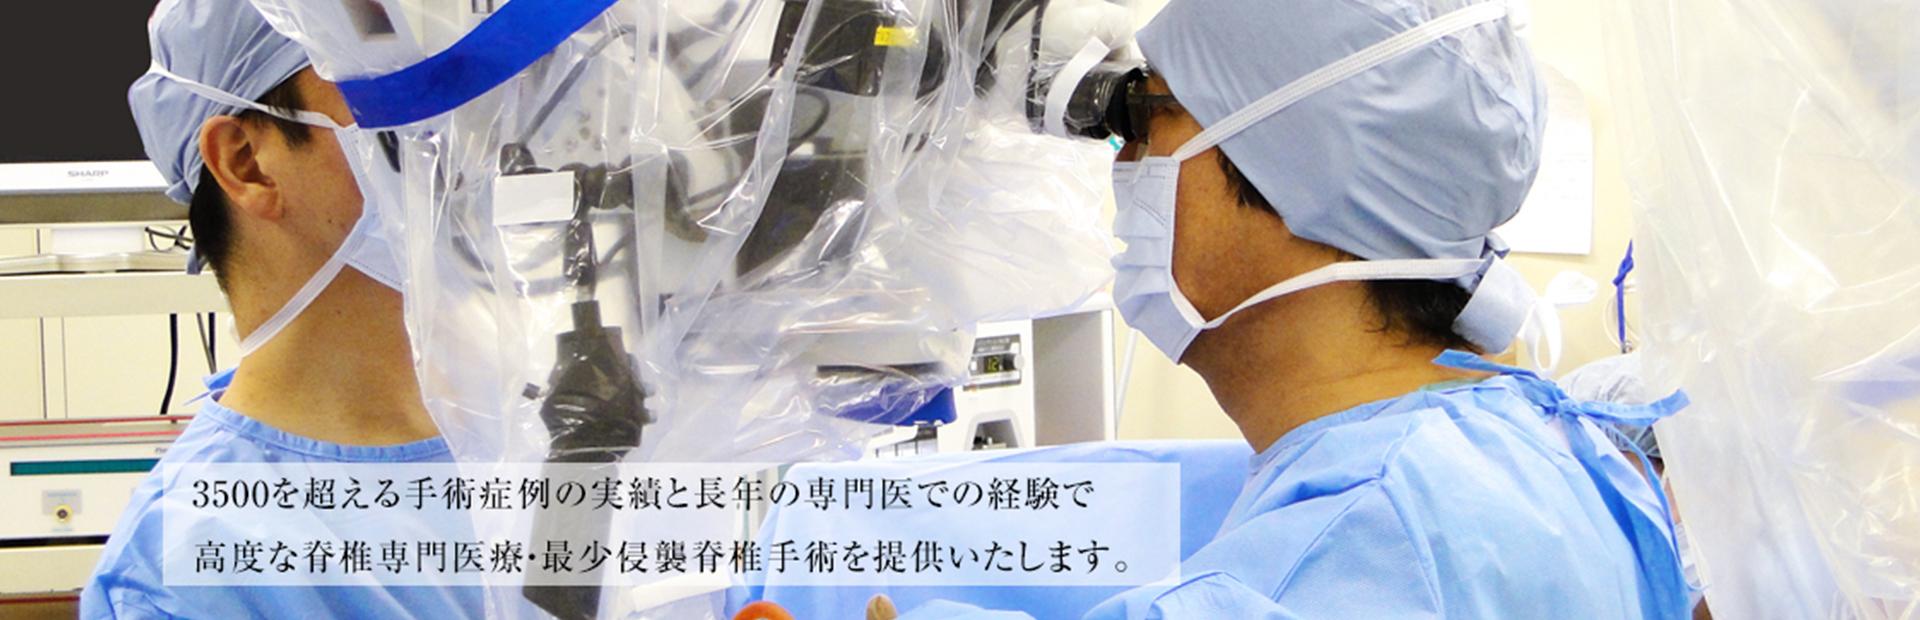 医療法人社団 内田毅クリニック